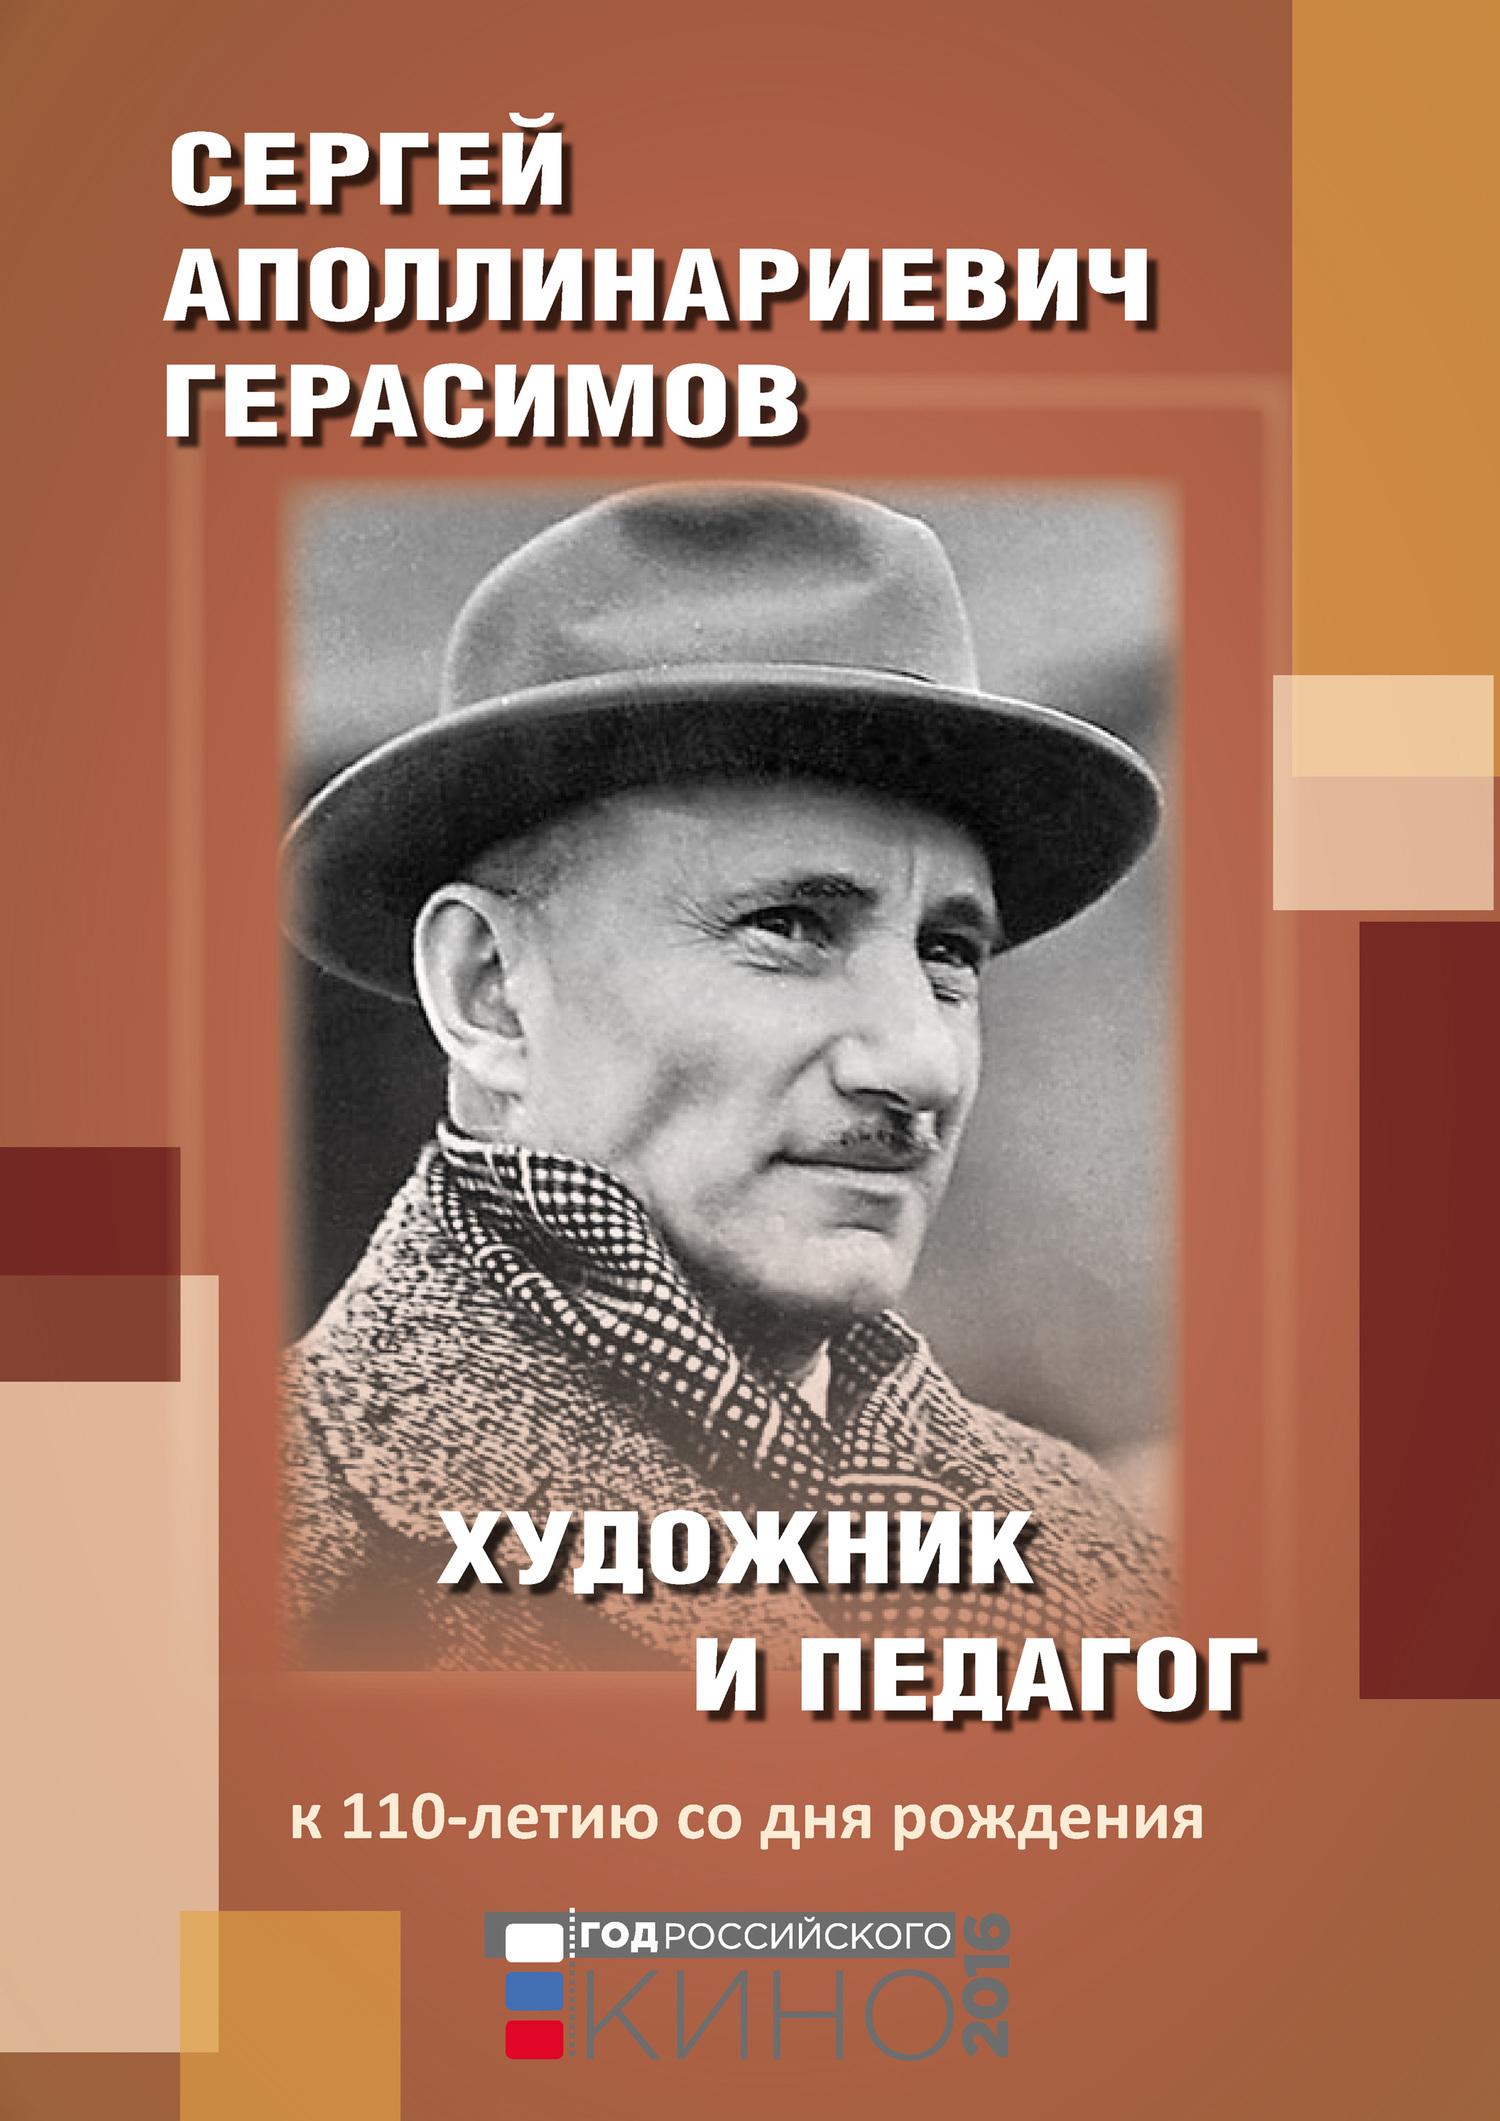 Сергей Аполлинариевич Герасимов: художник и педагог. К 110-летию со дня рождения